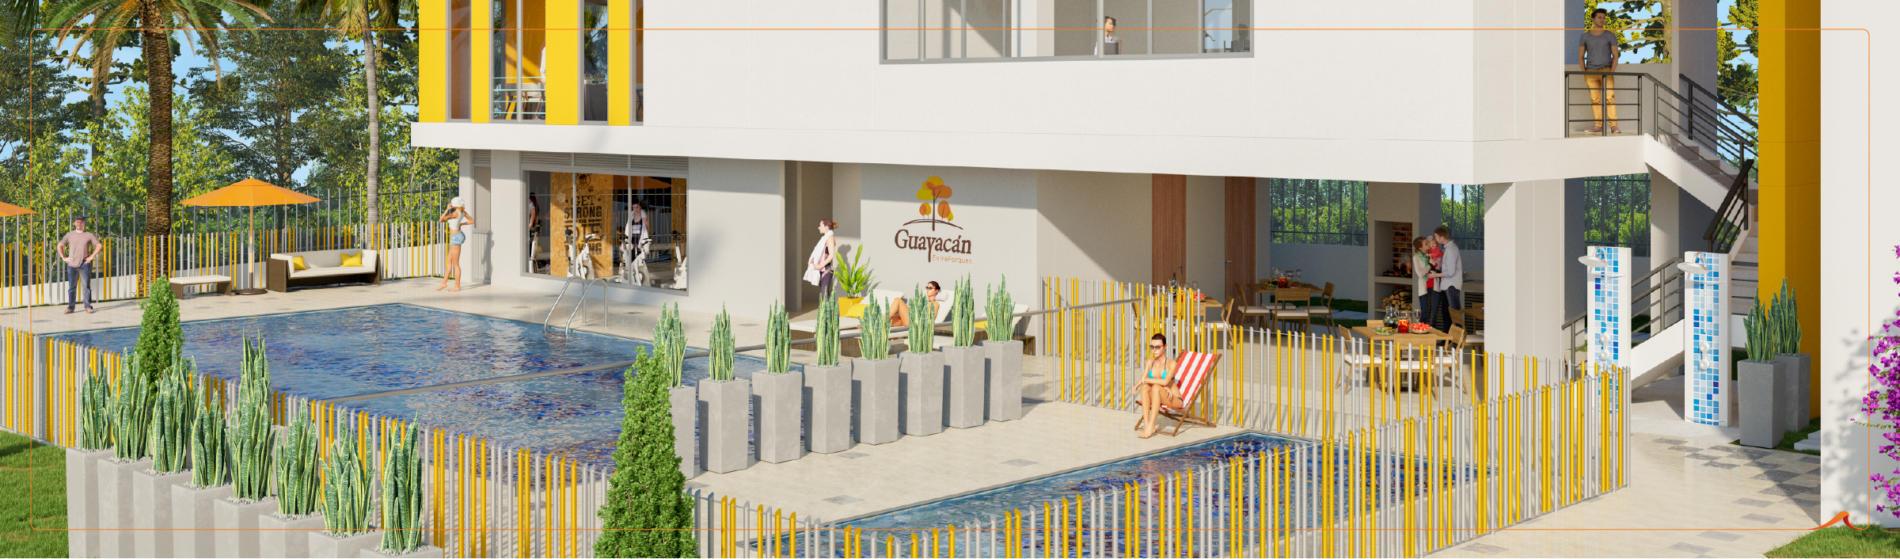 Guayacán apartamentos en Piedecuesta - Constructora Grupo Domus